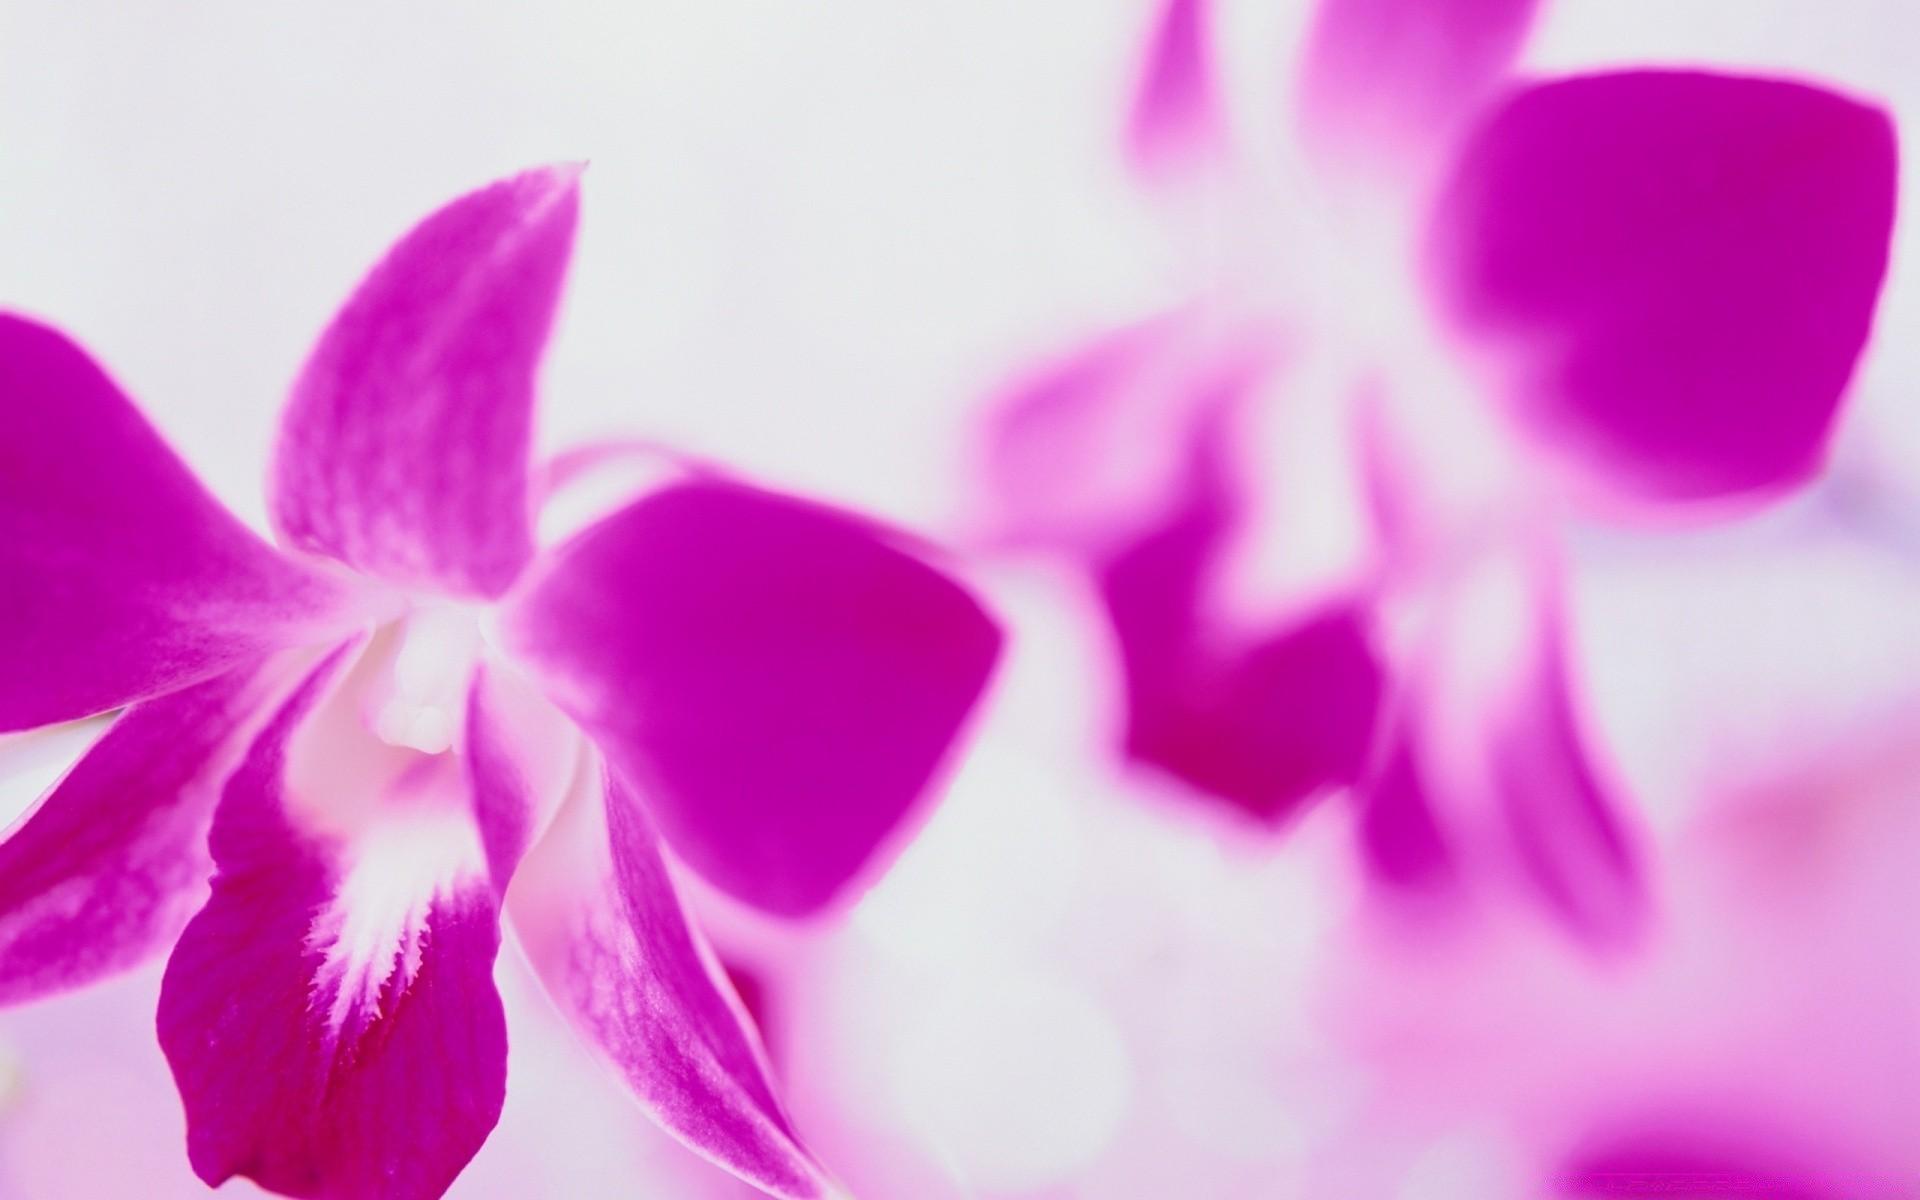 цветы цветок природа тропический орхидеи романтика флора экзотические элегантный лепесток яркий цветочные нежный блюминг лето лист любовь фаленопсис сад красивые